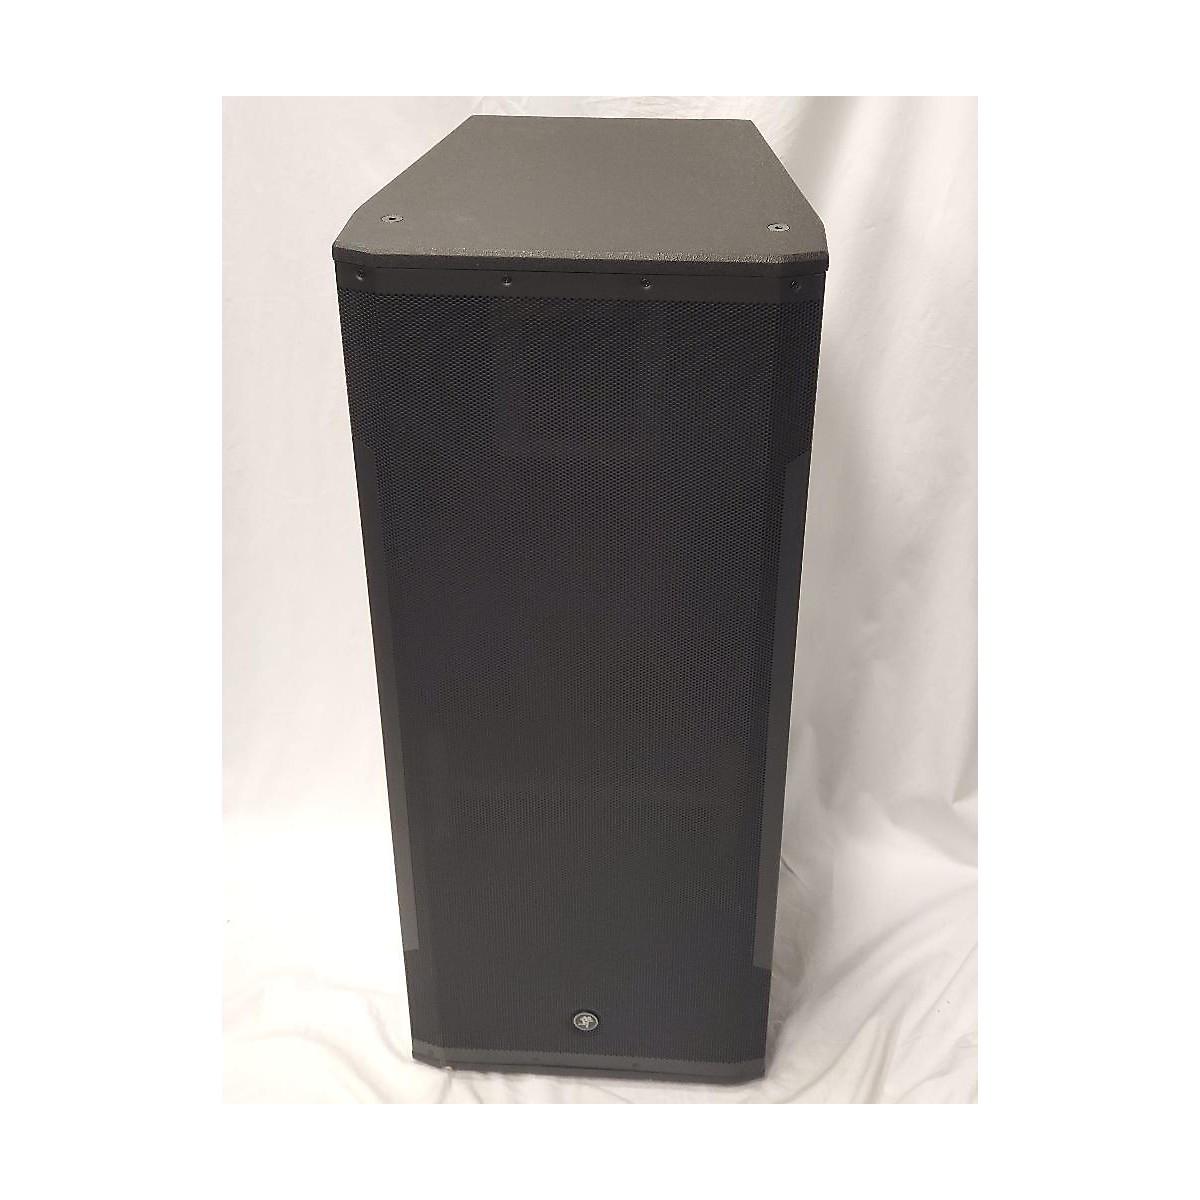 Mackie SRM 750 Powered Speaker